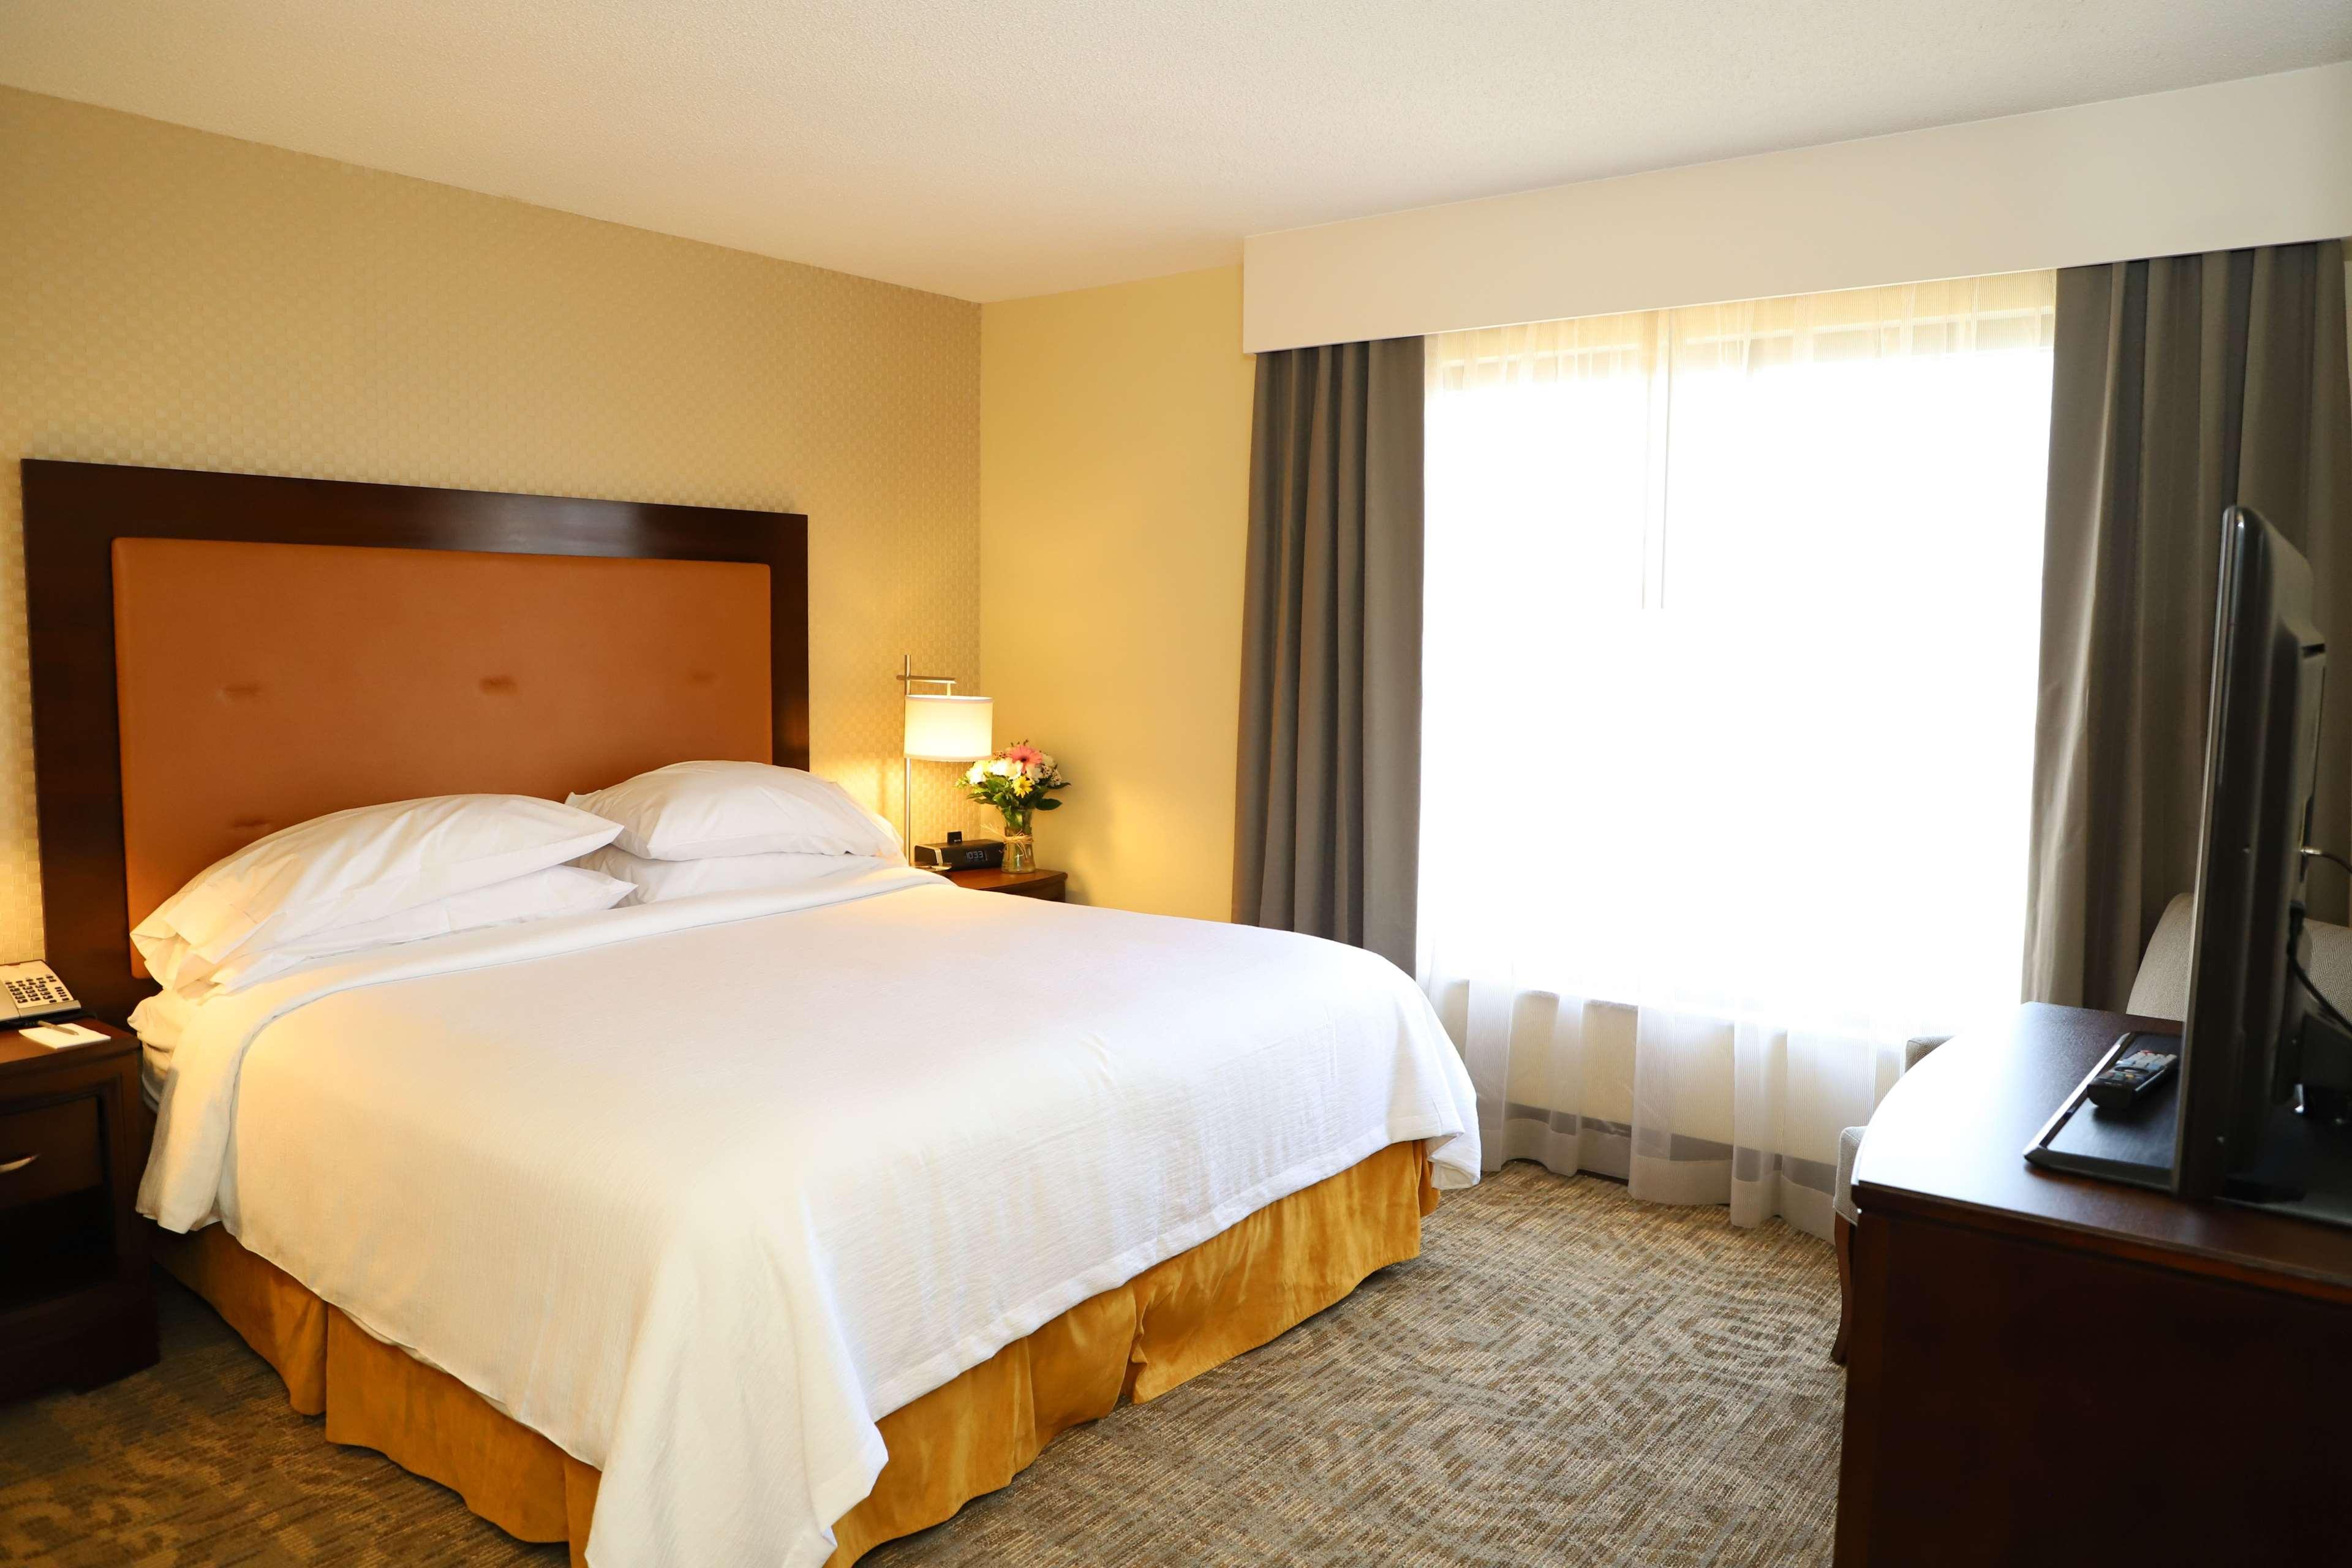 Embassy Suites by Hilton Nashville at Vanderbilt image 33